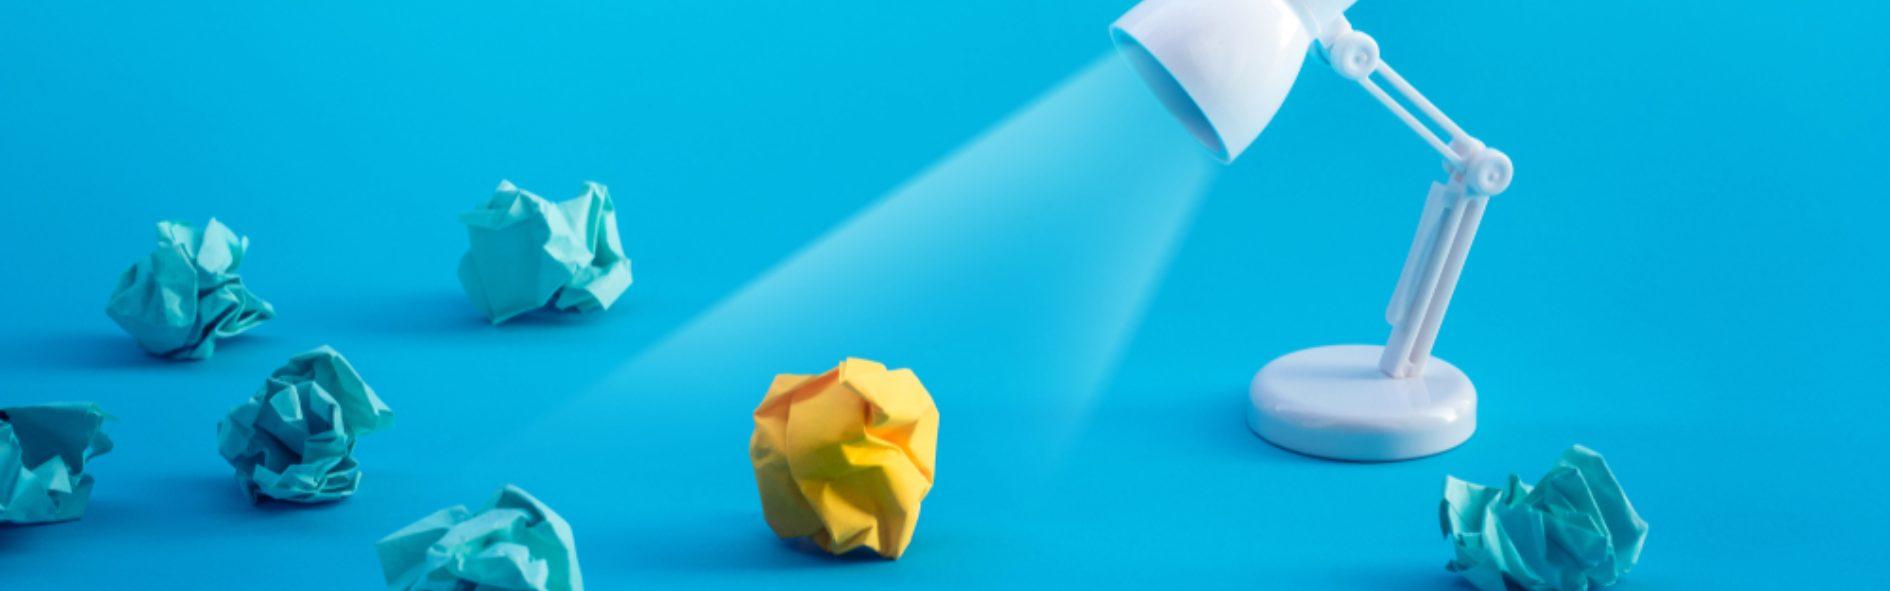 Descubre el brainstorming y cómo implementarlo en tu empresa